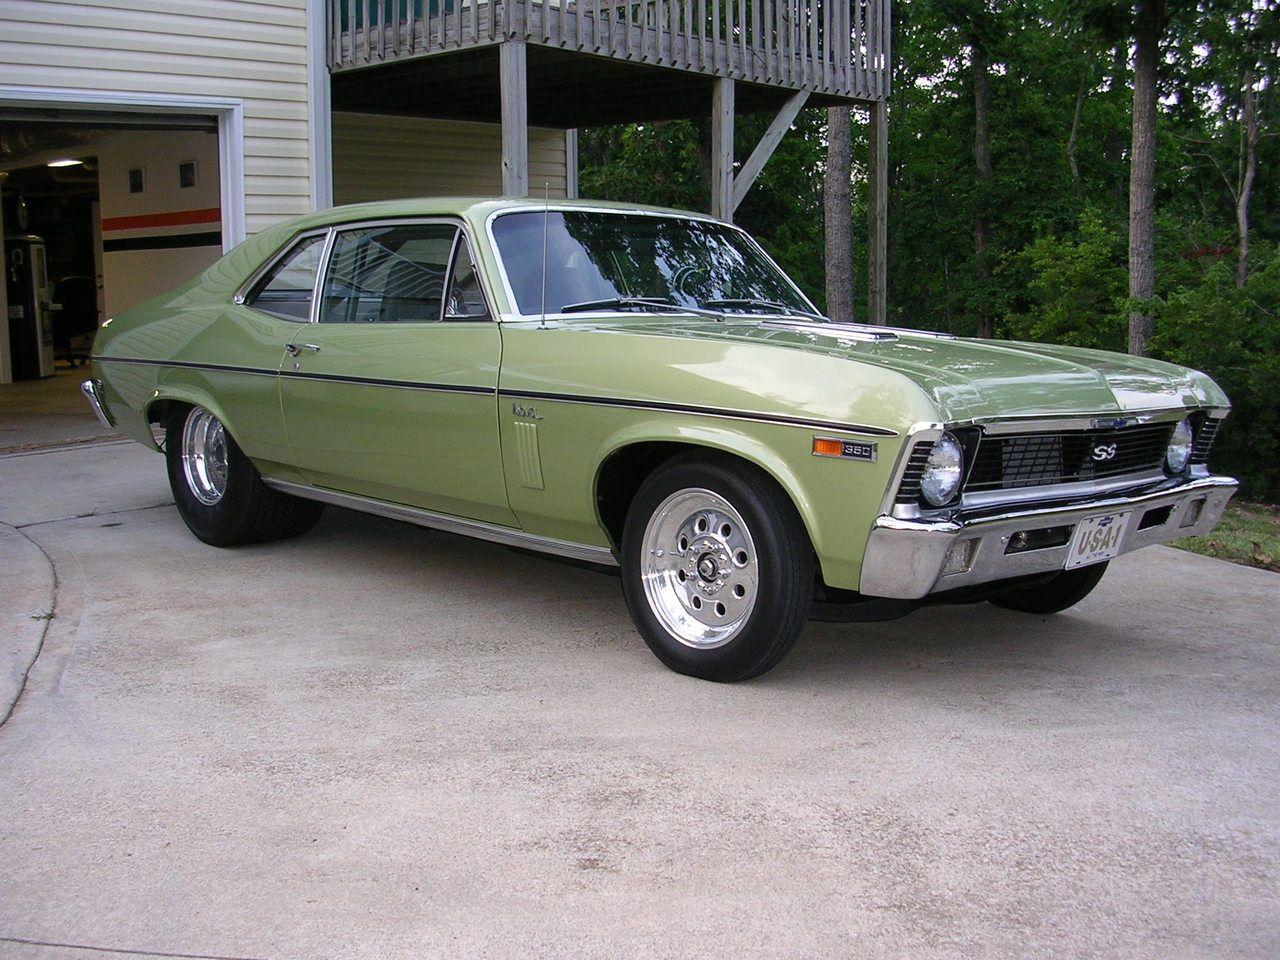 All Chevy black chevy nova ss : A daily driver: 69 Nova SS w/ 555 ci   Hot Wheels   Pinterest ...